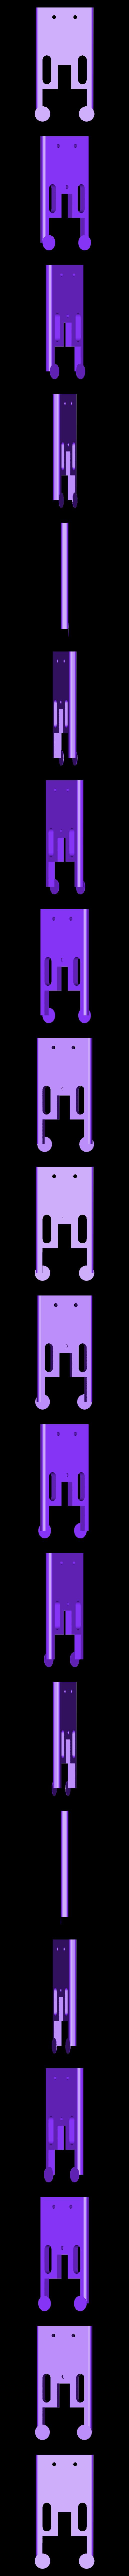 part_move_out.STL Télécharger fichier STL gratuit Support pour trépied de téléphone • Modèle imprimable en 3D, FowlvidBastien